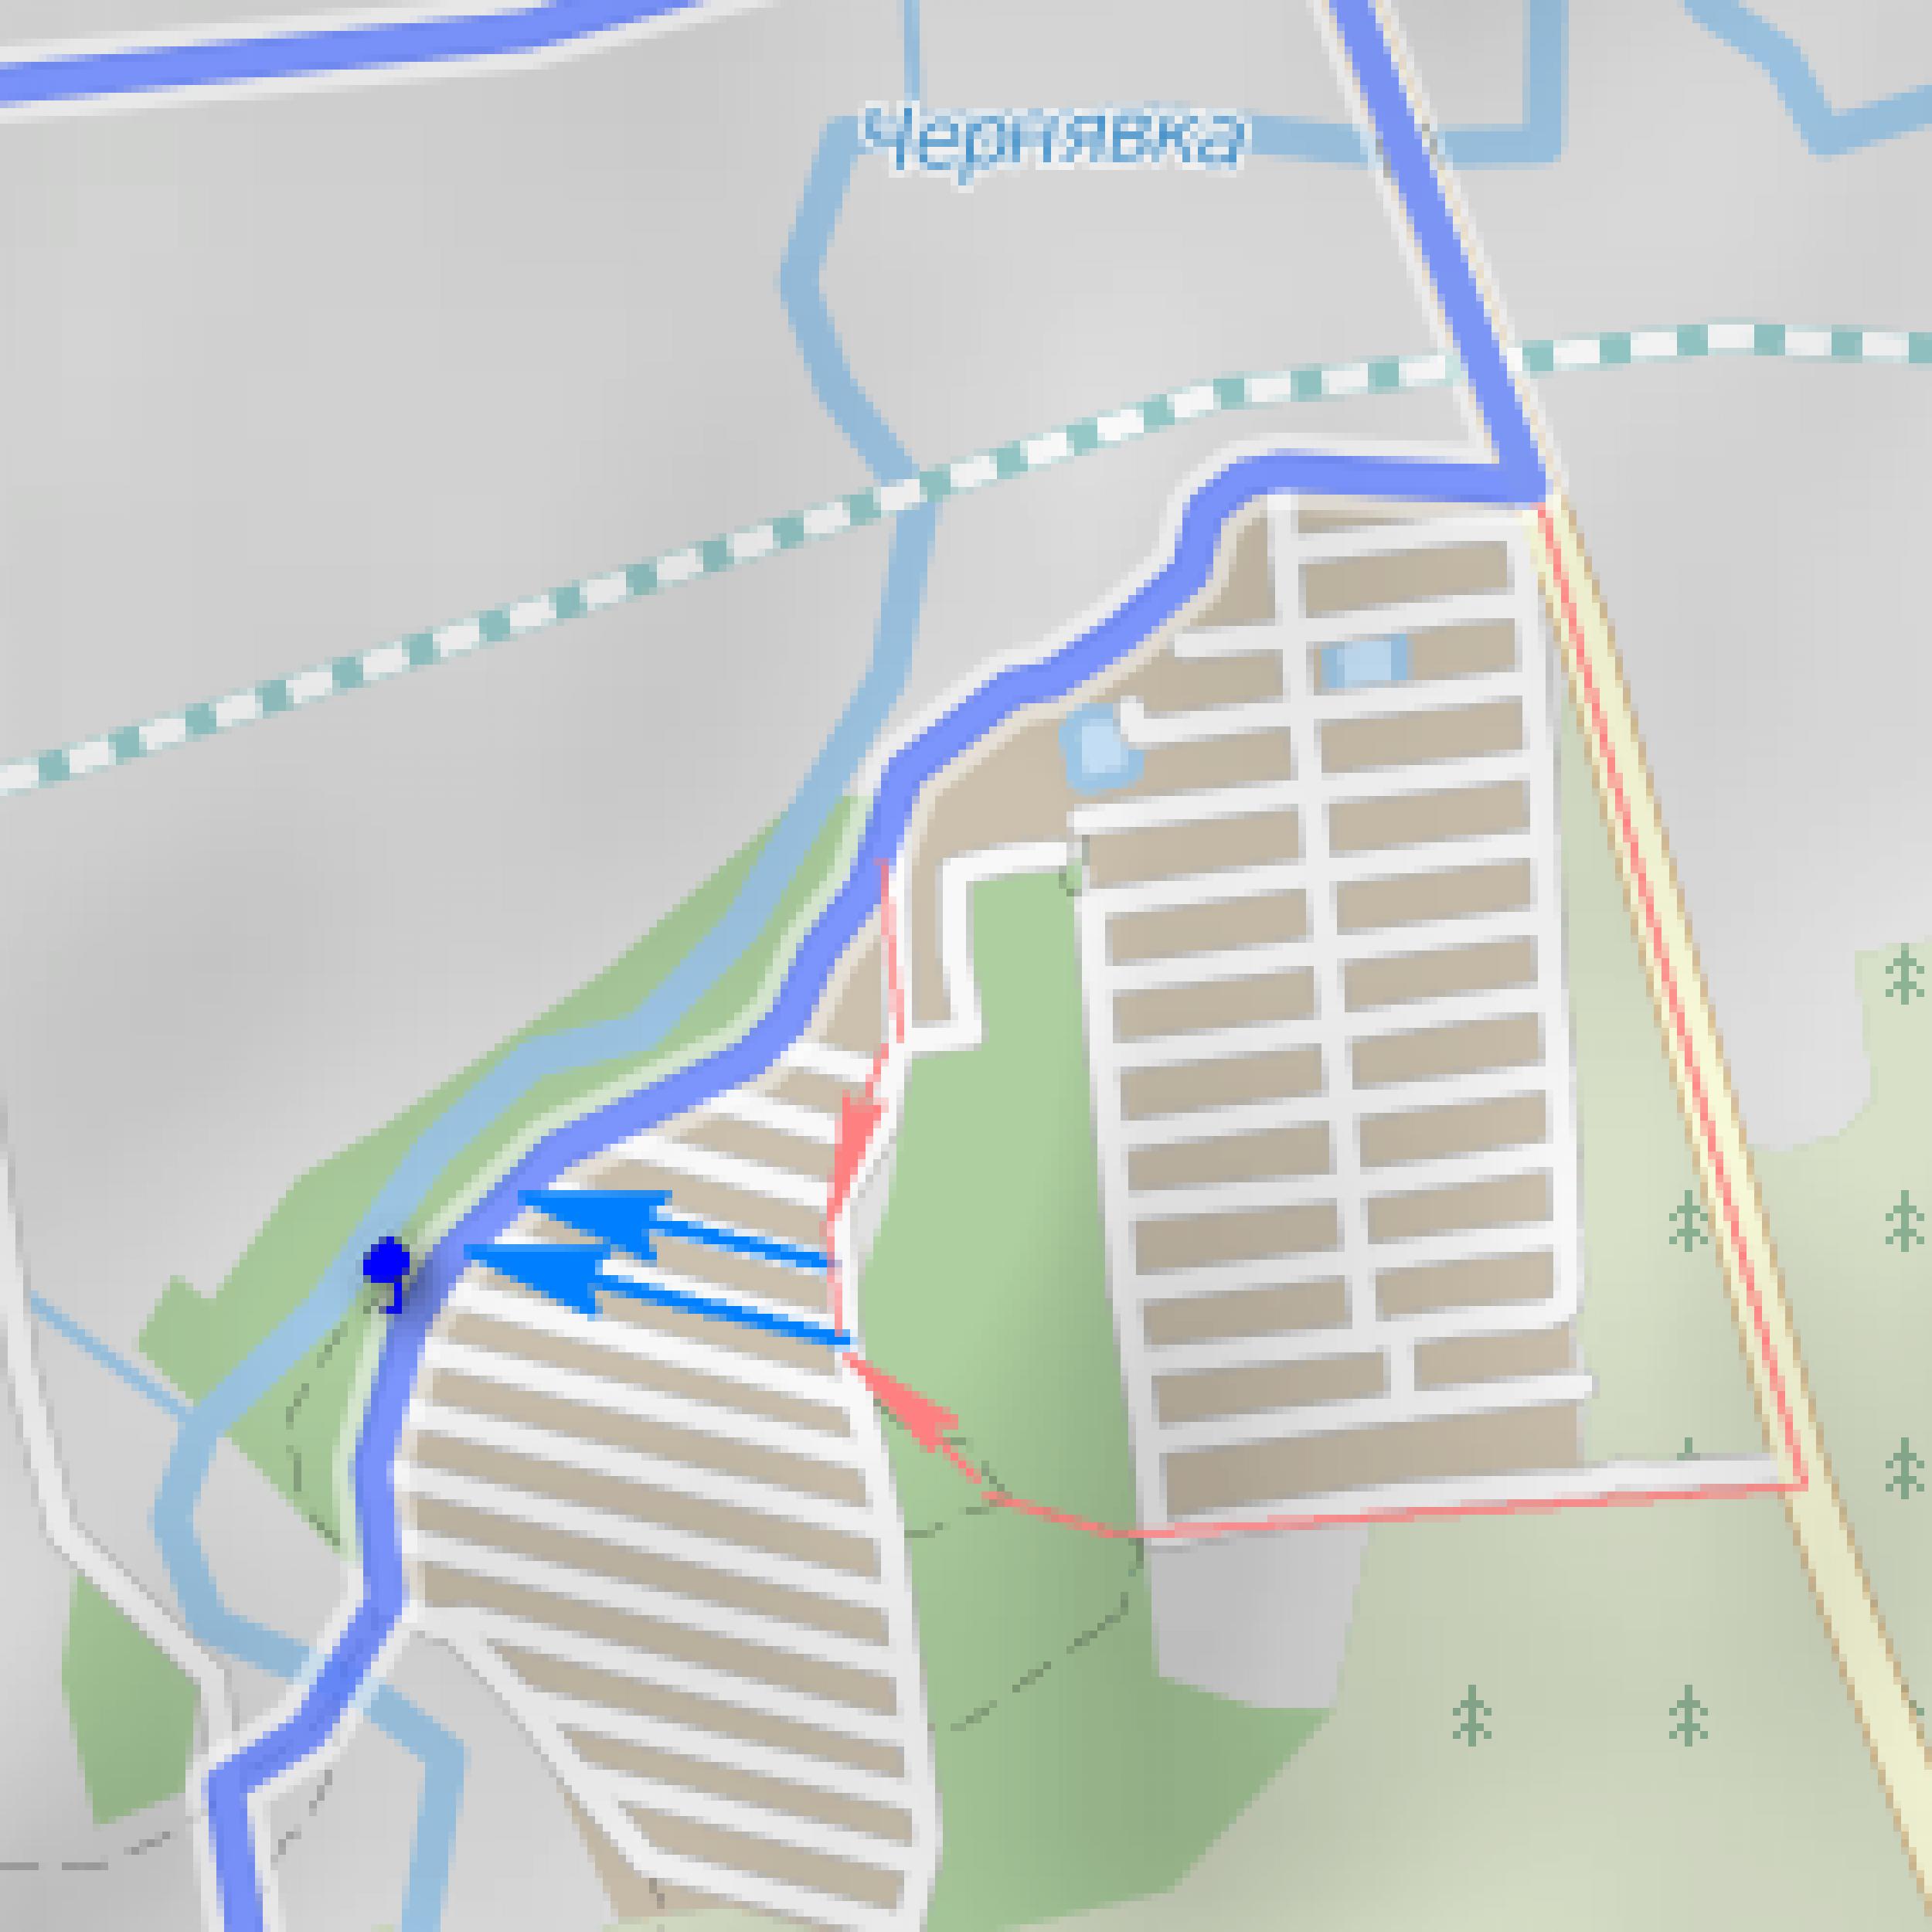 romashka_crop.png